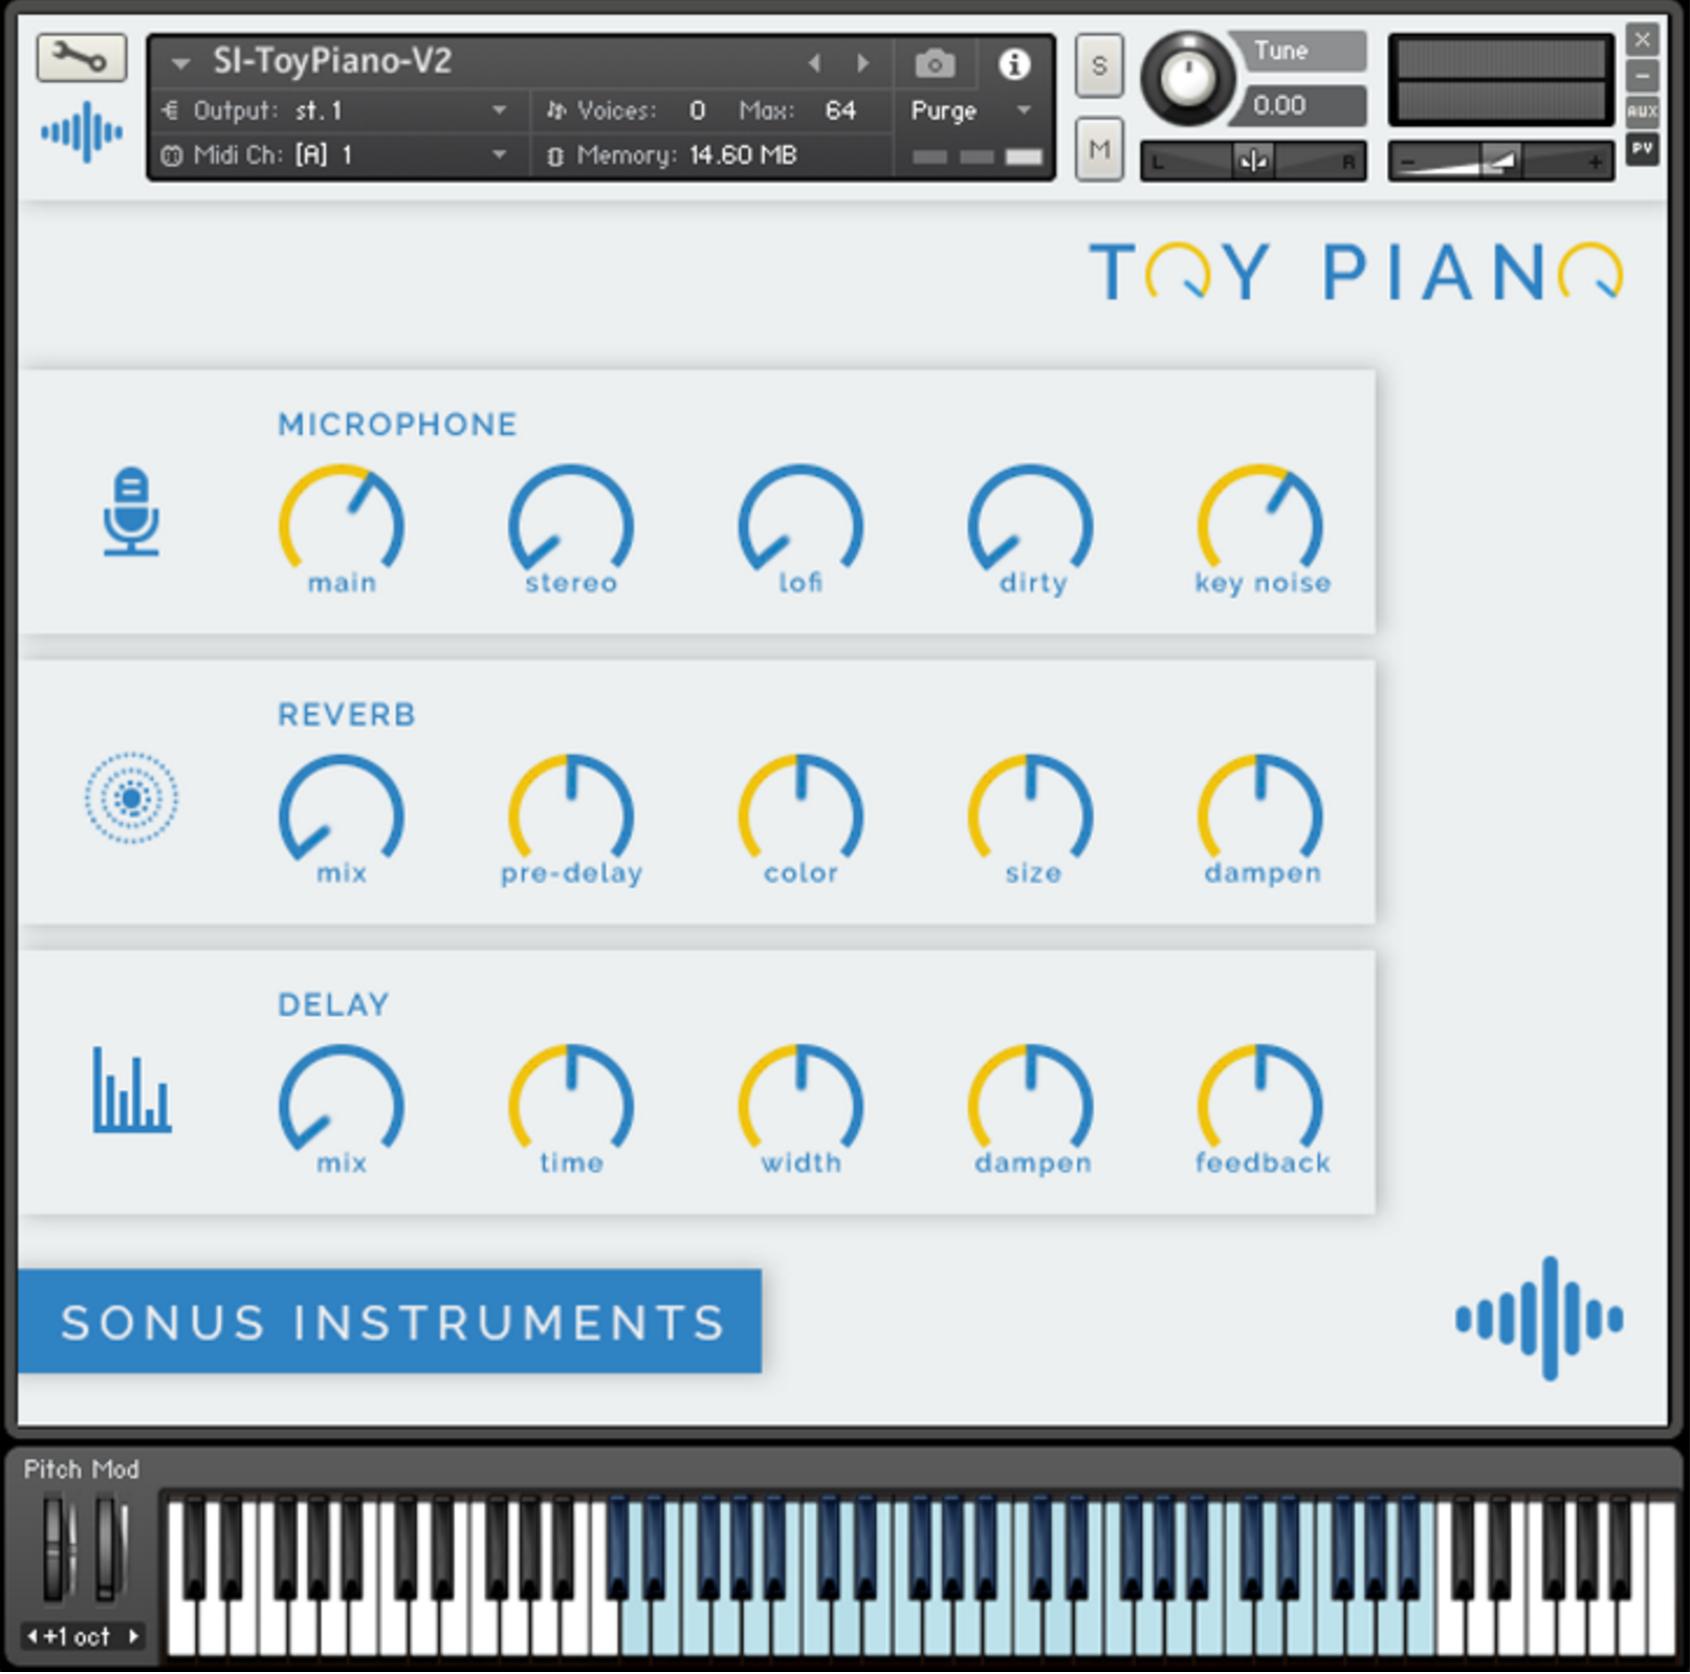 Toy Piano - Sonus Instruments